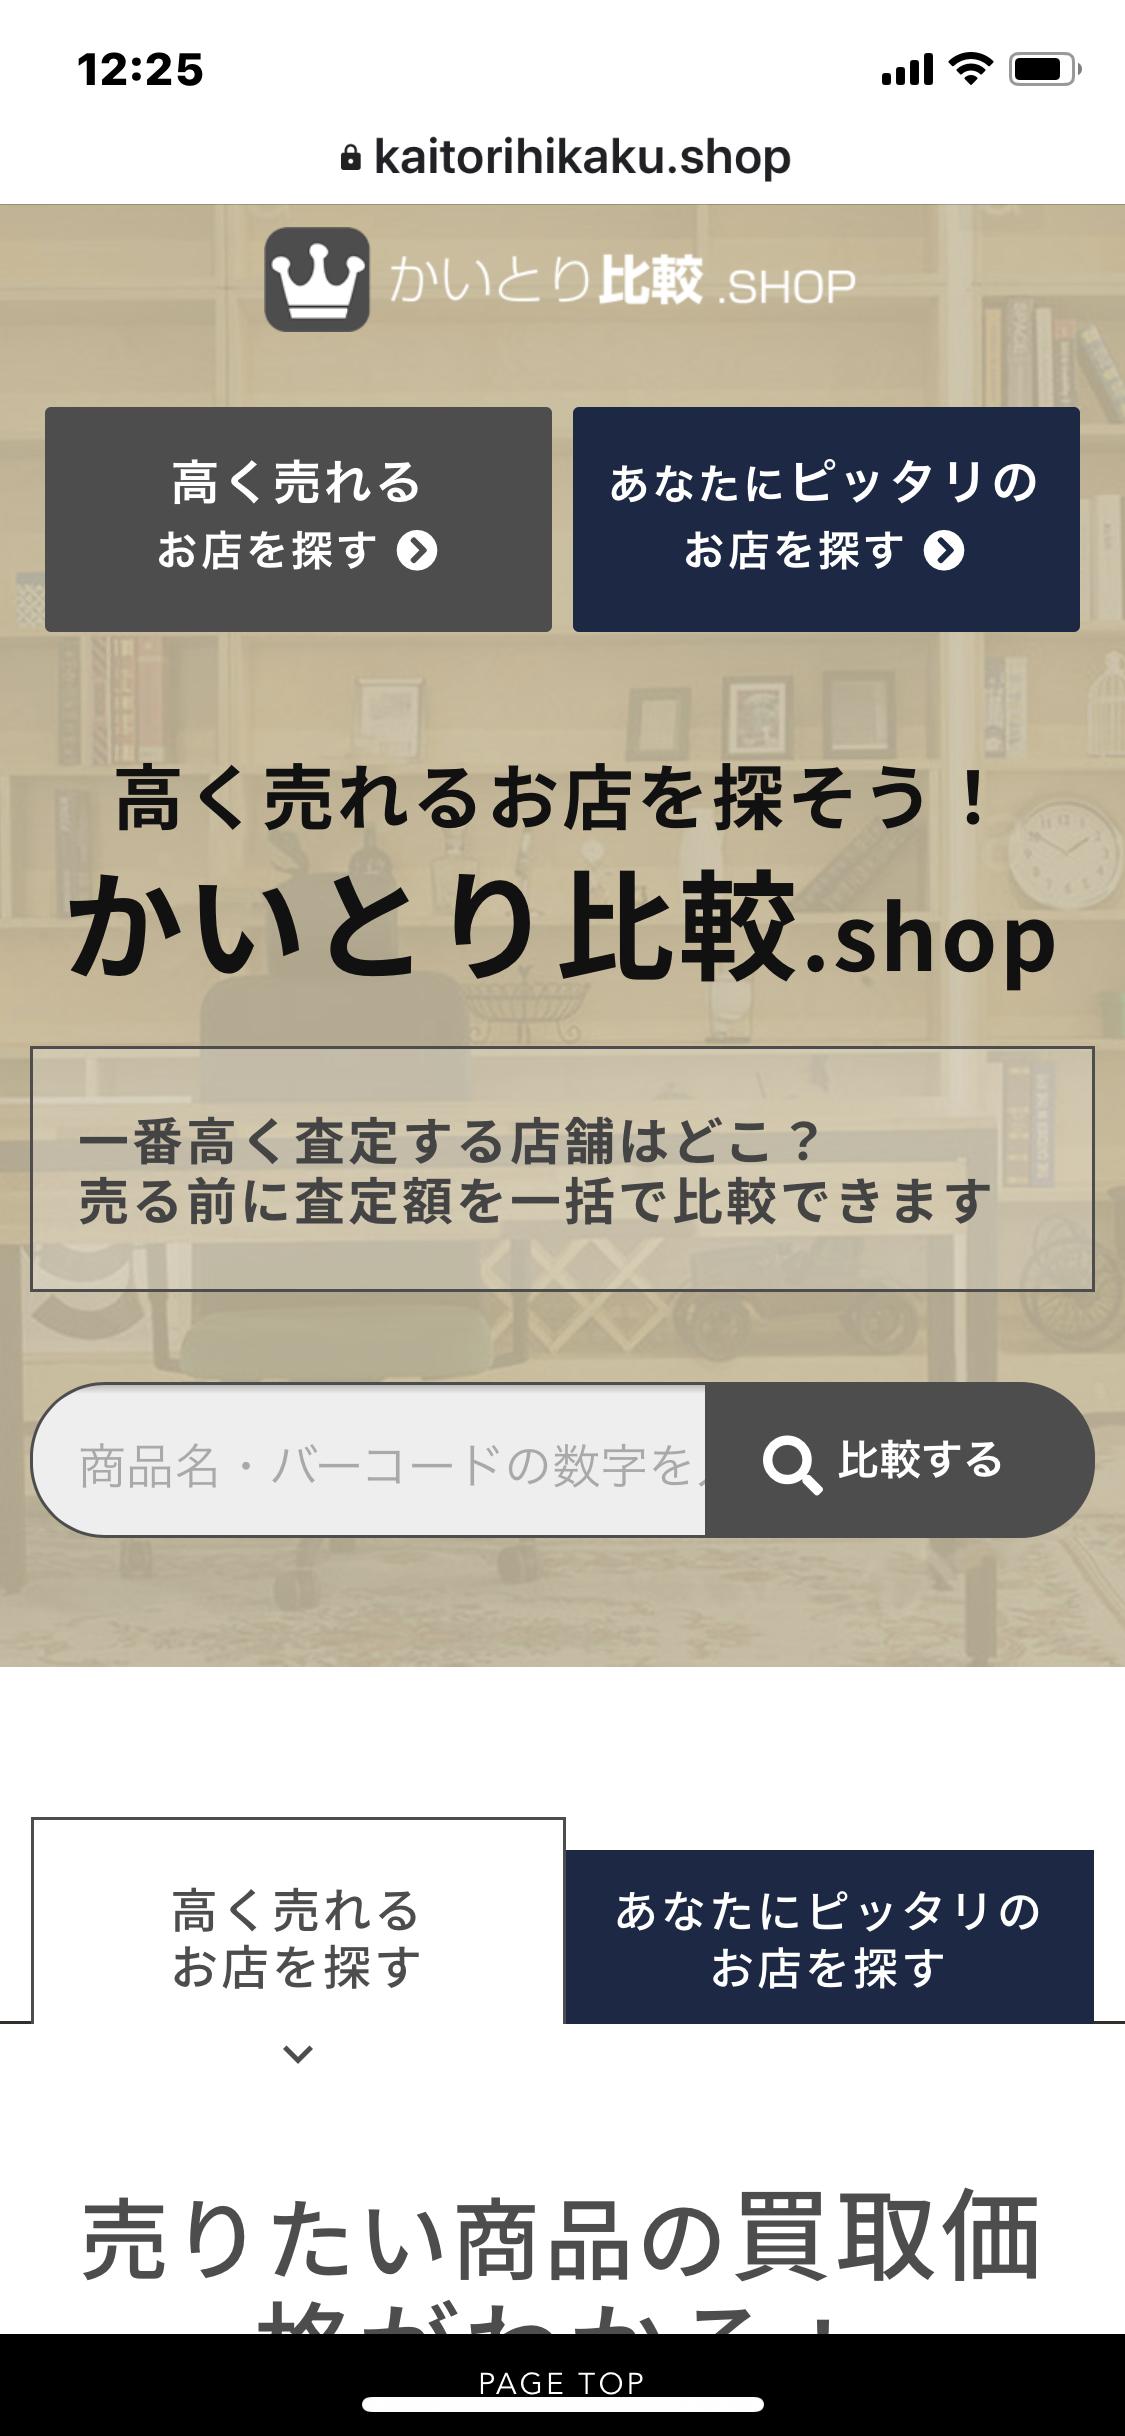 かいとり比較.shop